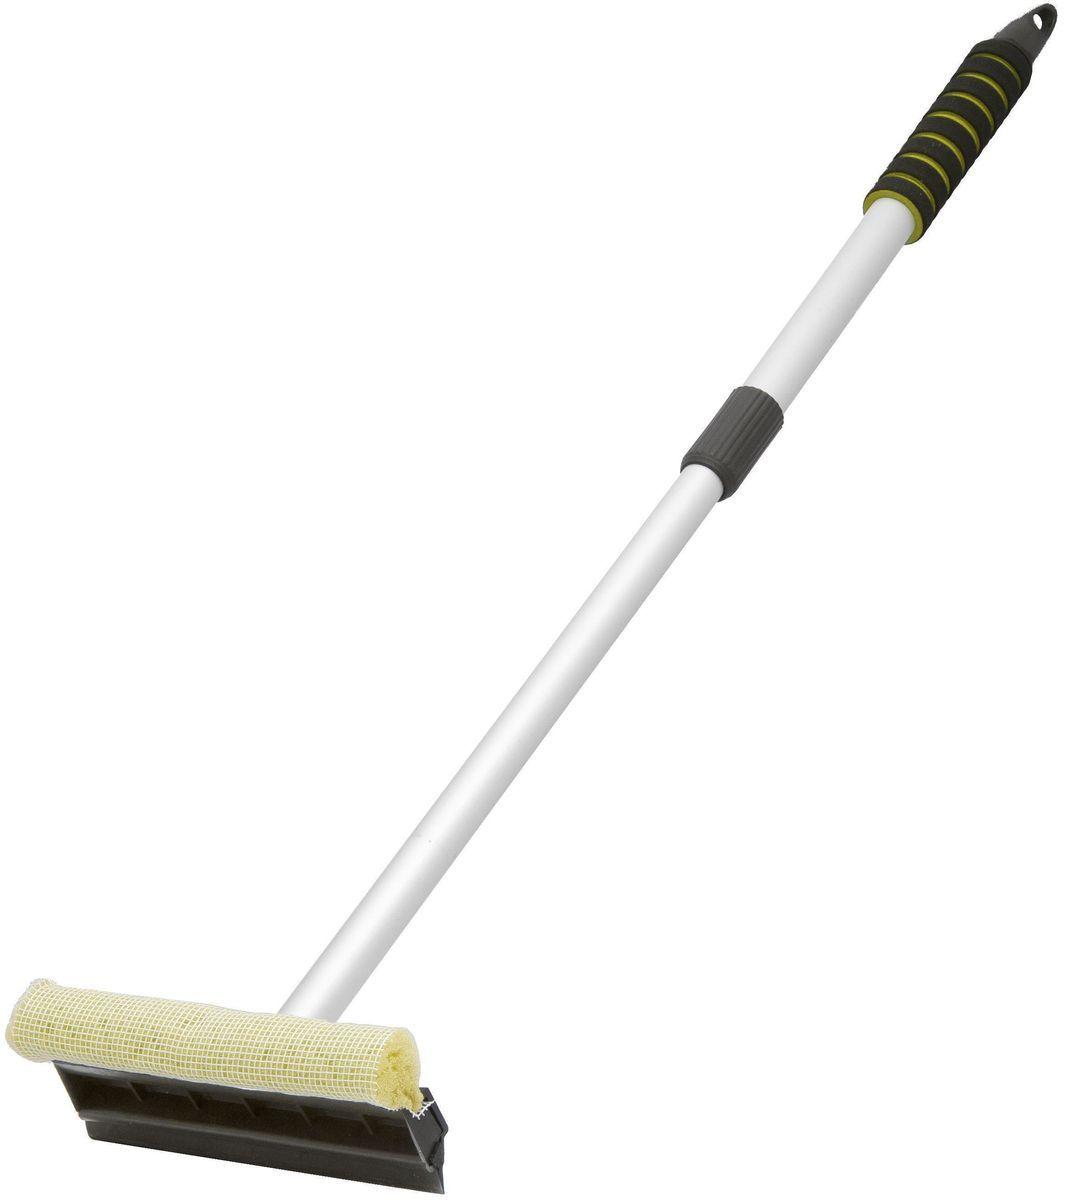 Водосгон Главдор GL-564, на телескопической ручке, цвет: желтыйGL-564Телескопический, алюминиевый водосгон с удобным держателем из пенополиэтилена, длина раздвигающейся ручки55 - 85см. Снабжен резиновым лезвием и поролоновой губкой для эффективной очистки загрязненных поверхностей.